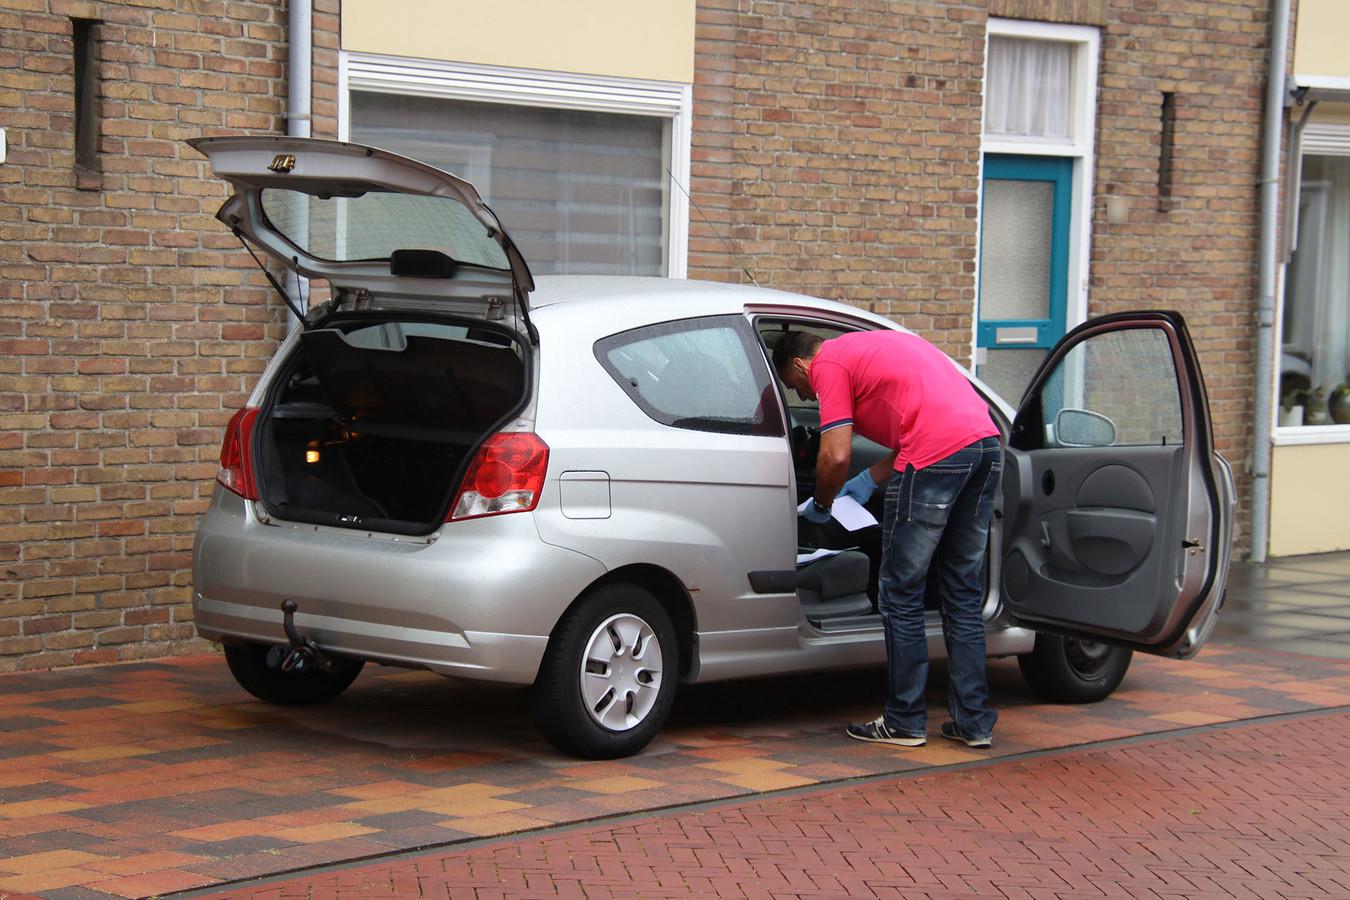 De auto van de Goesenaar wordt doorzocht.